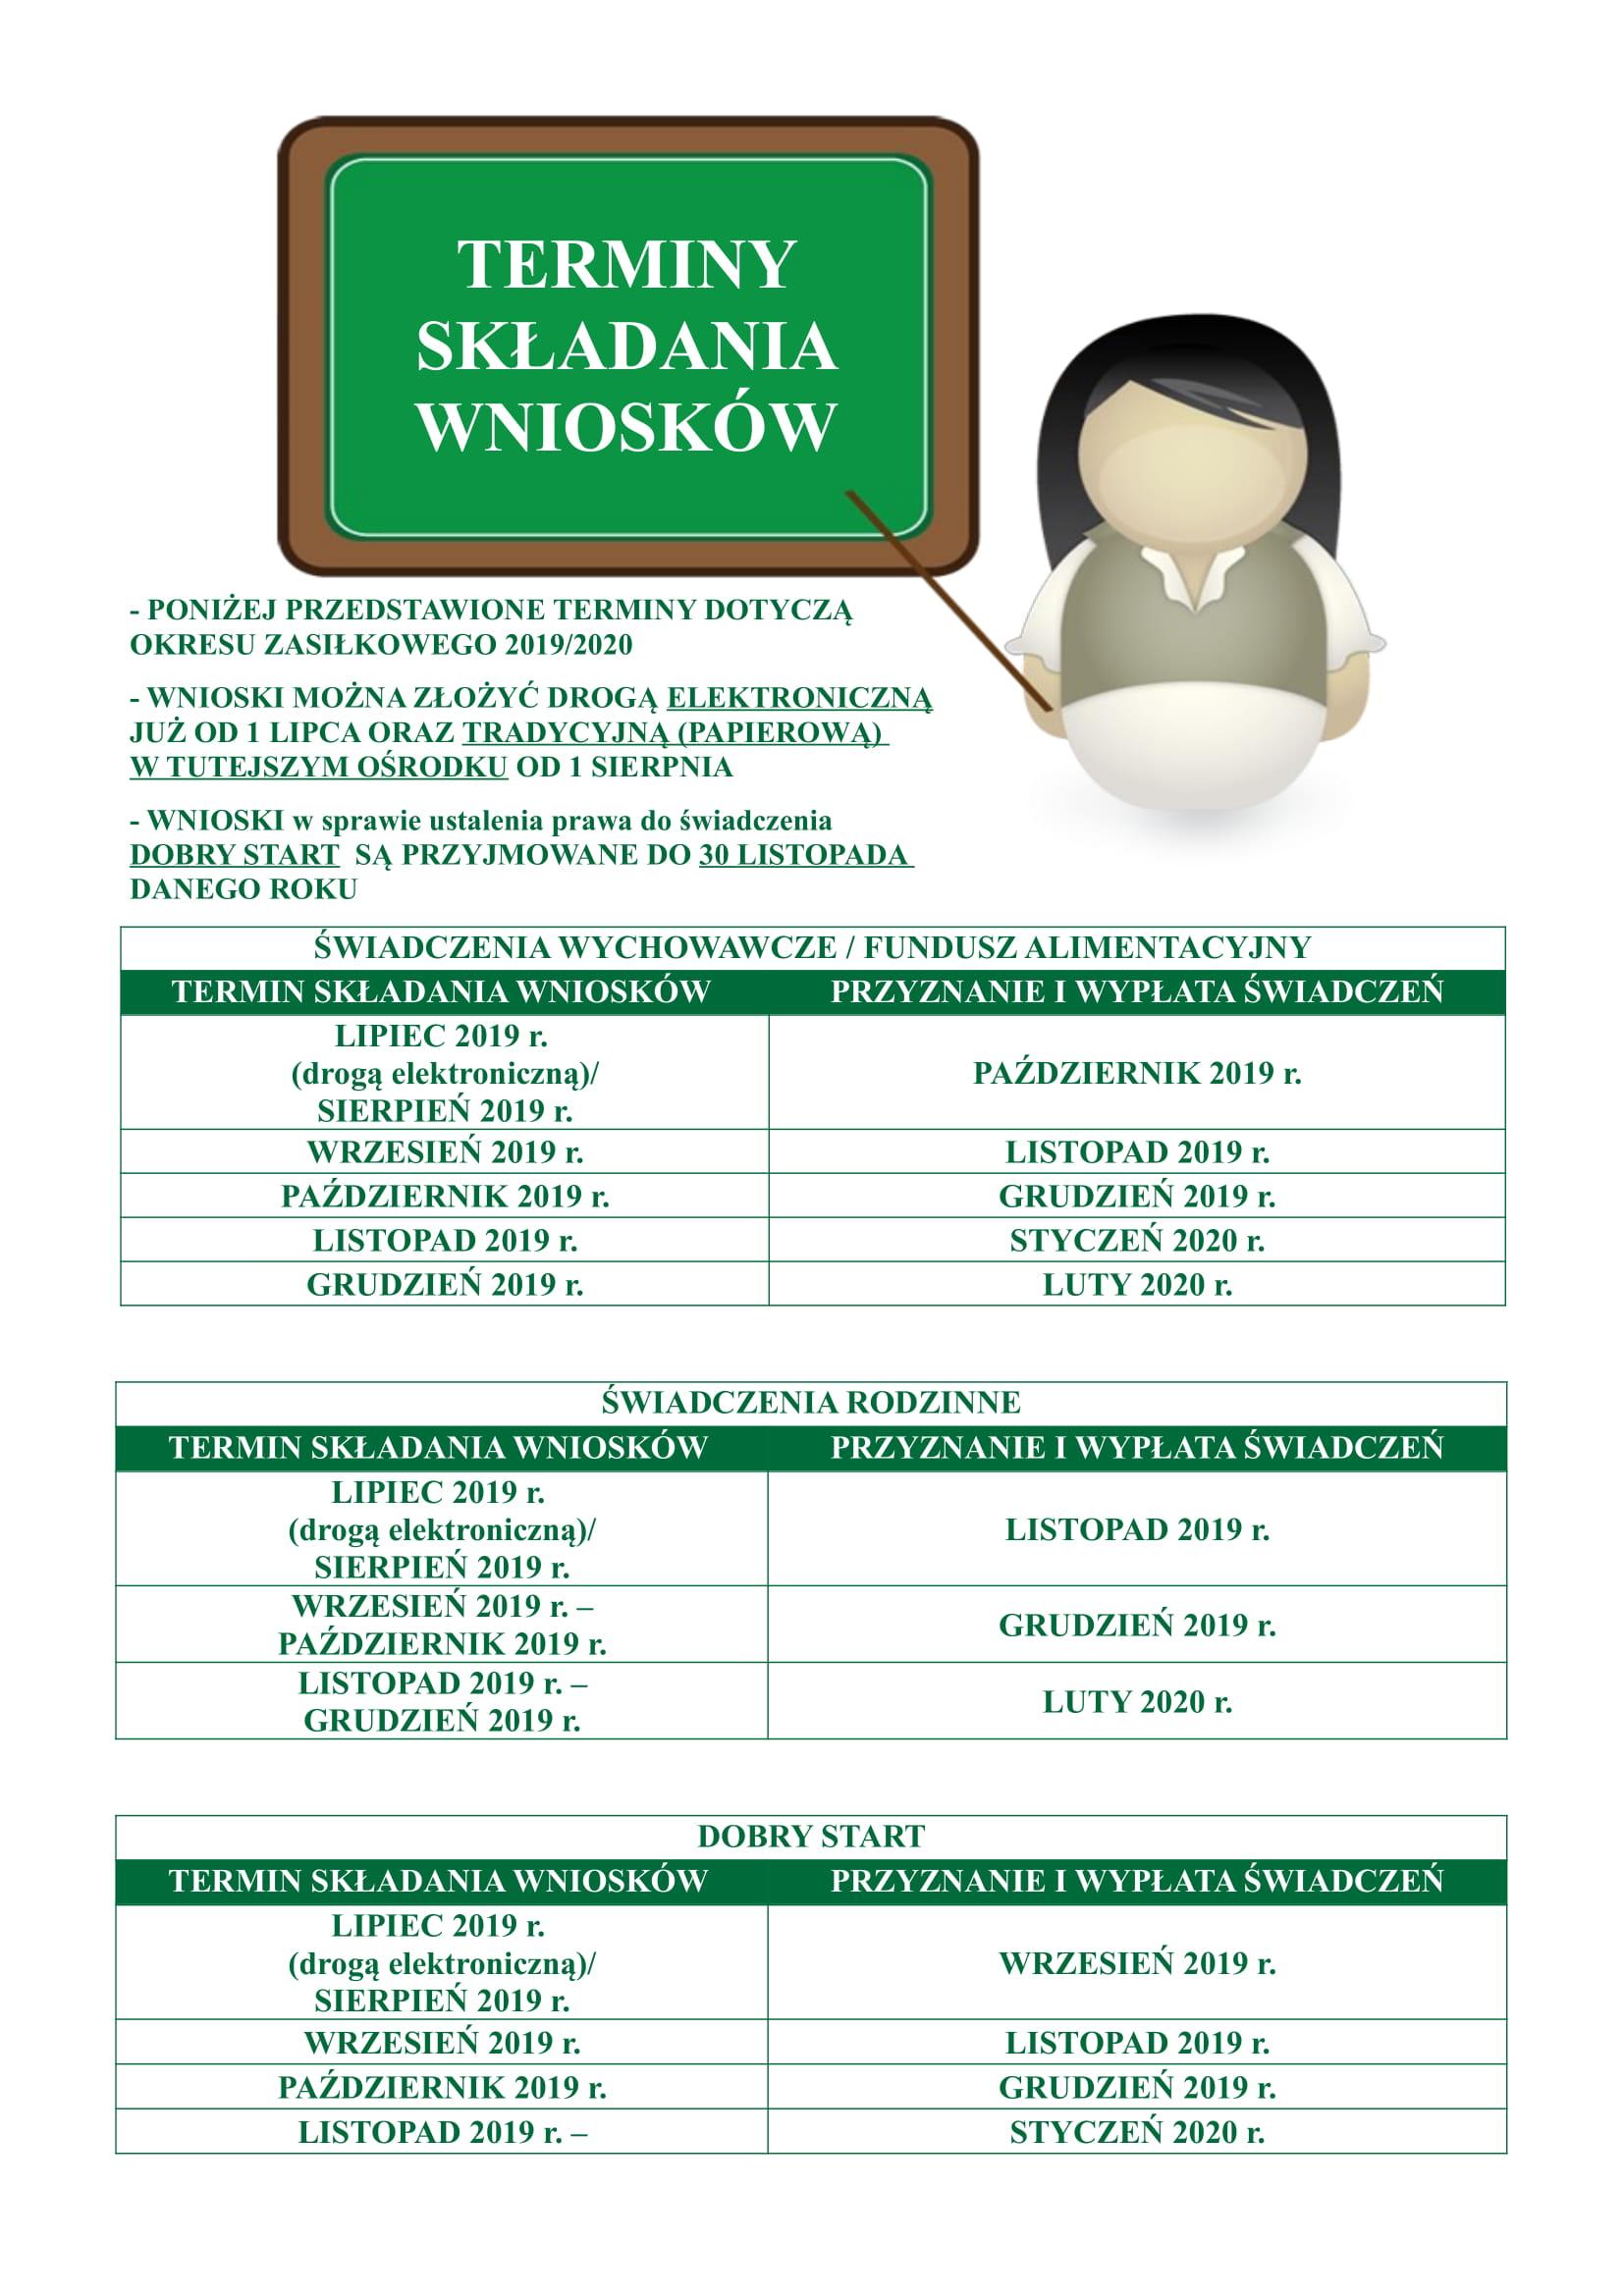 Plakat z terminami składania wniosków, w treści artykułu do pobrania wersja dostępna